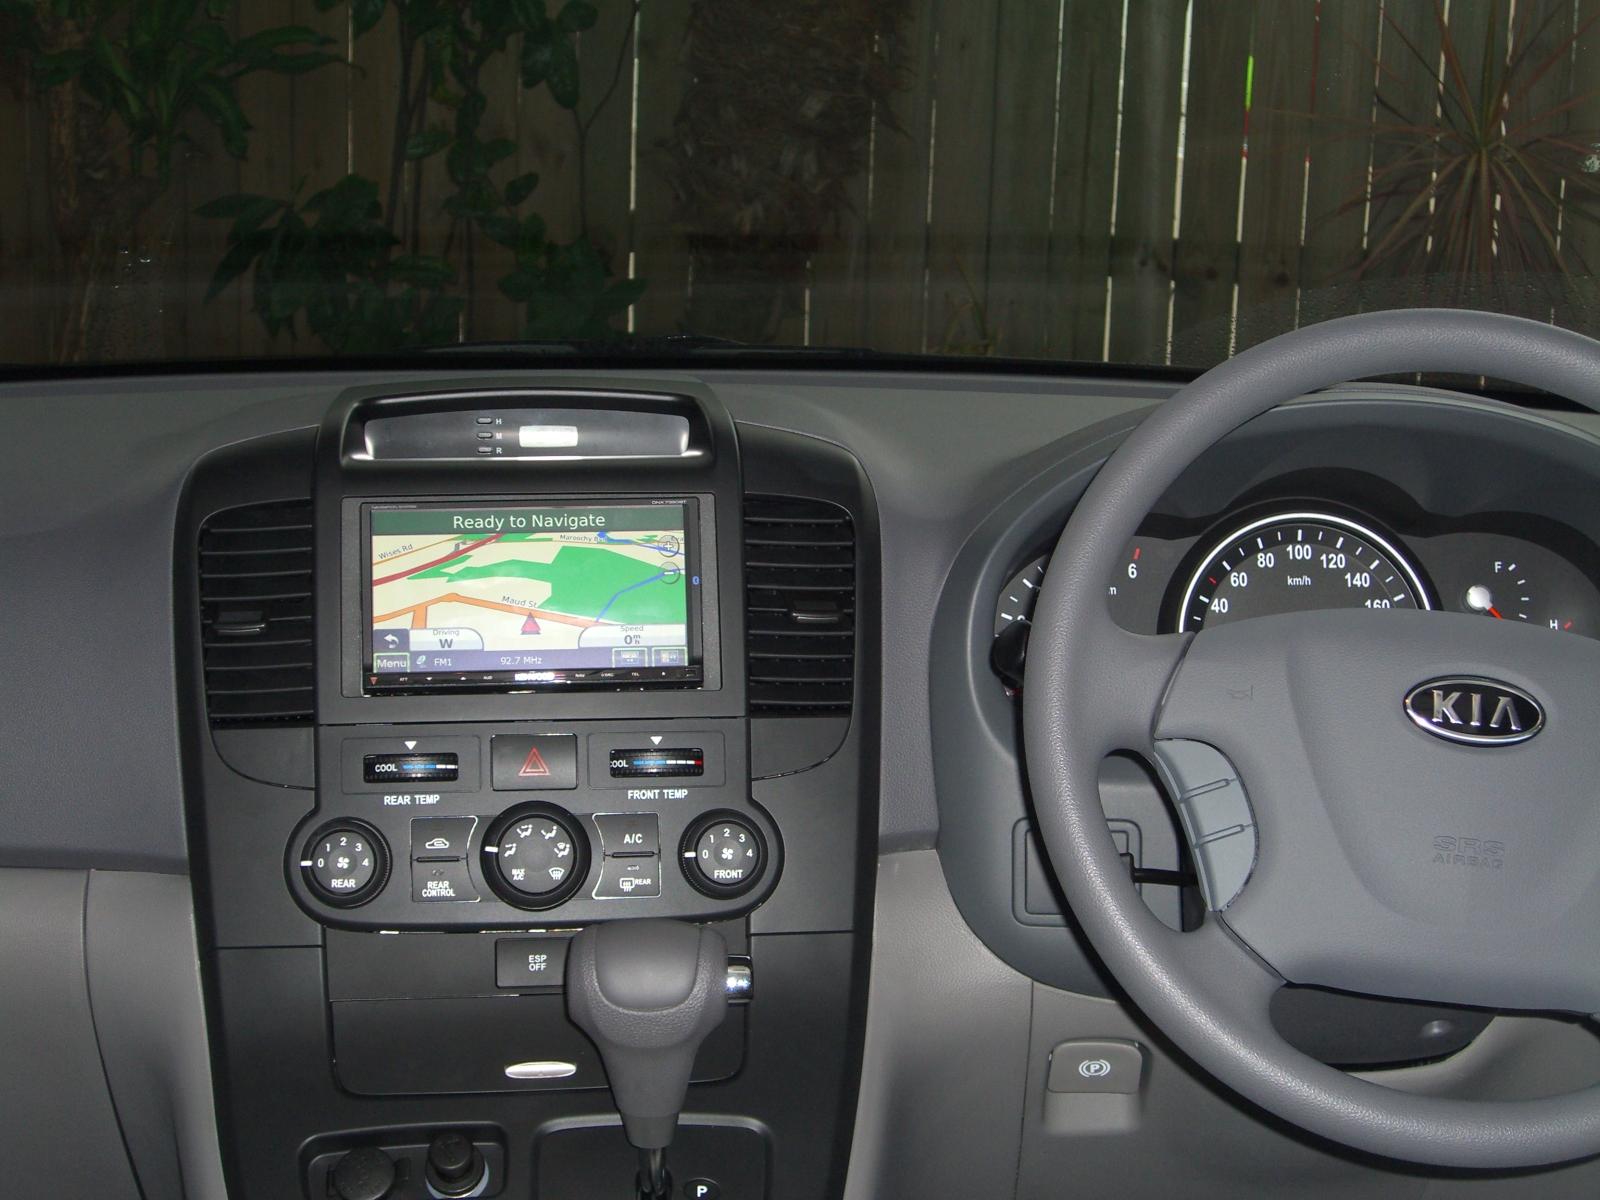 Kia Carnival 2010 – Maroochy Car Sound